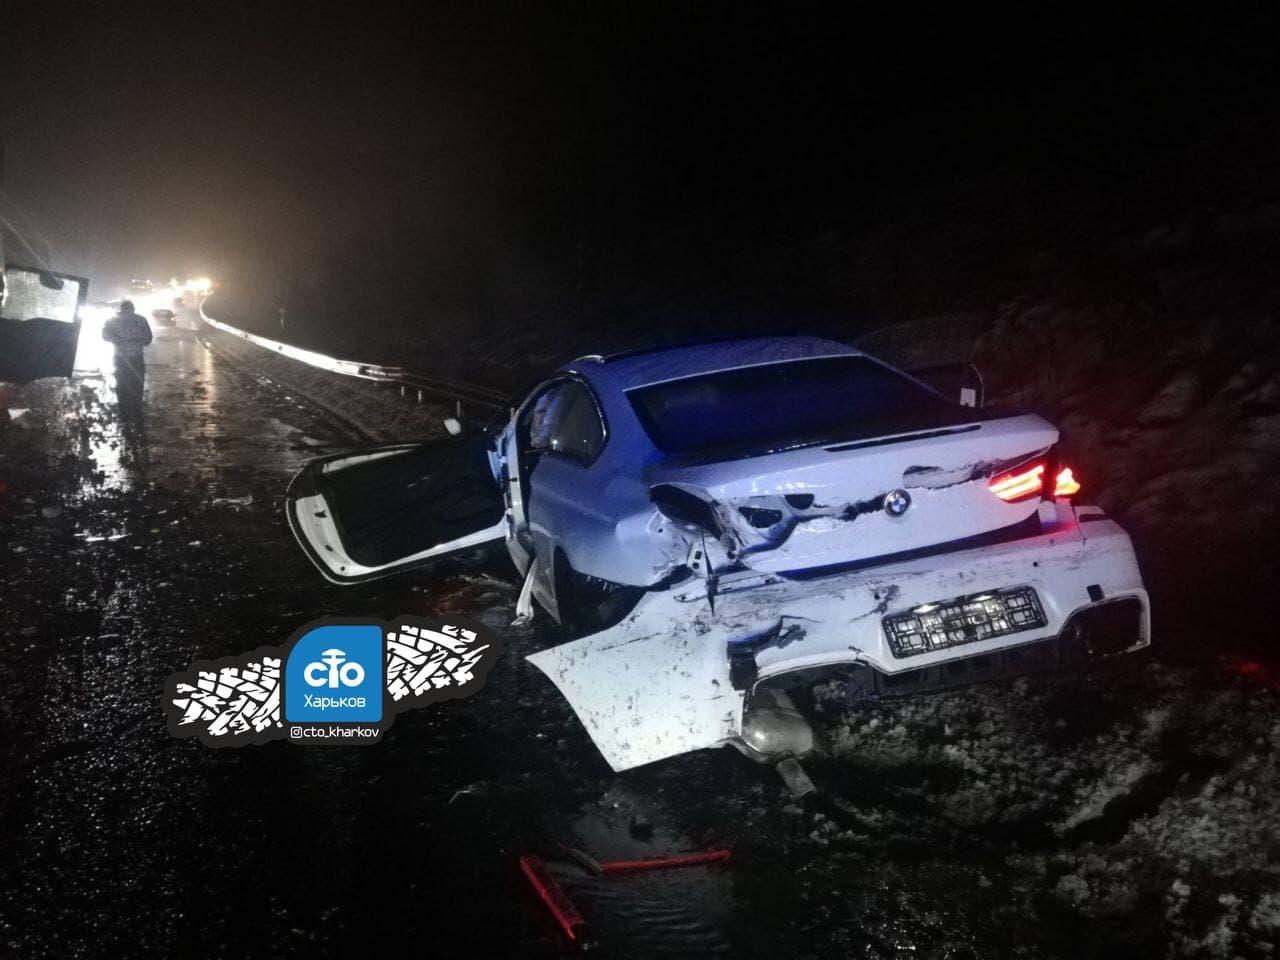 Серьезное ДТП в Харькове: водитель иномарки в шоковом состоянии (фото, видео)